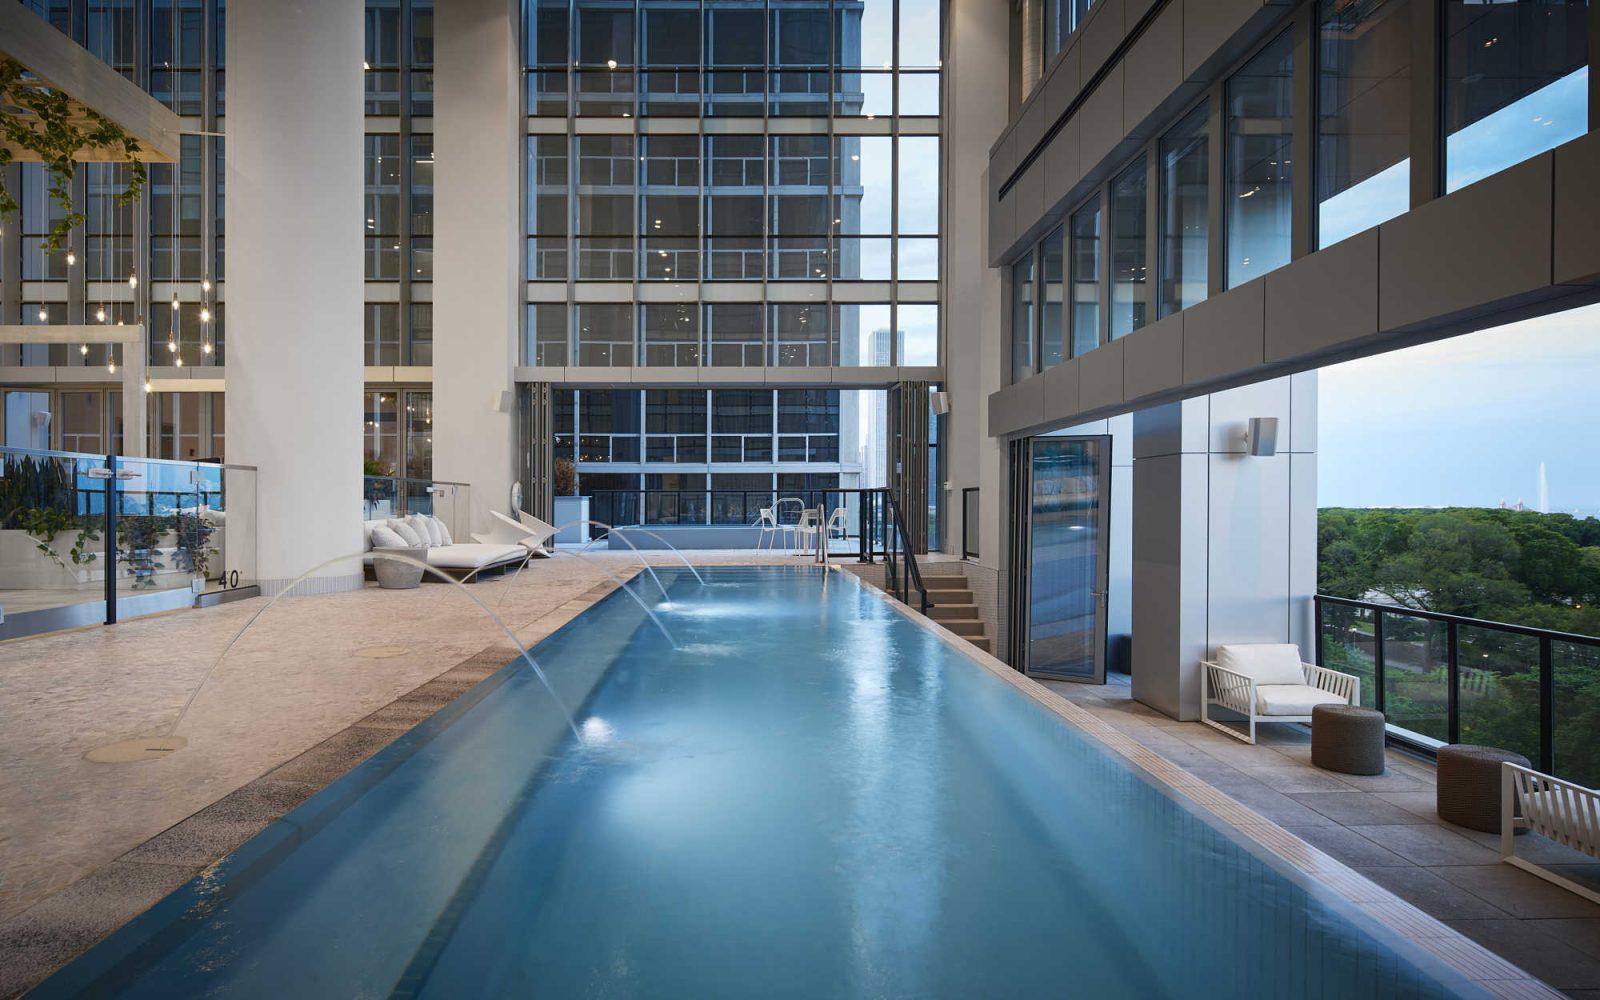 Essex indoor pool with open balcony